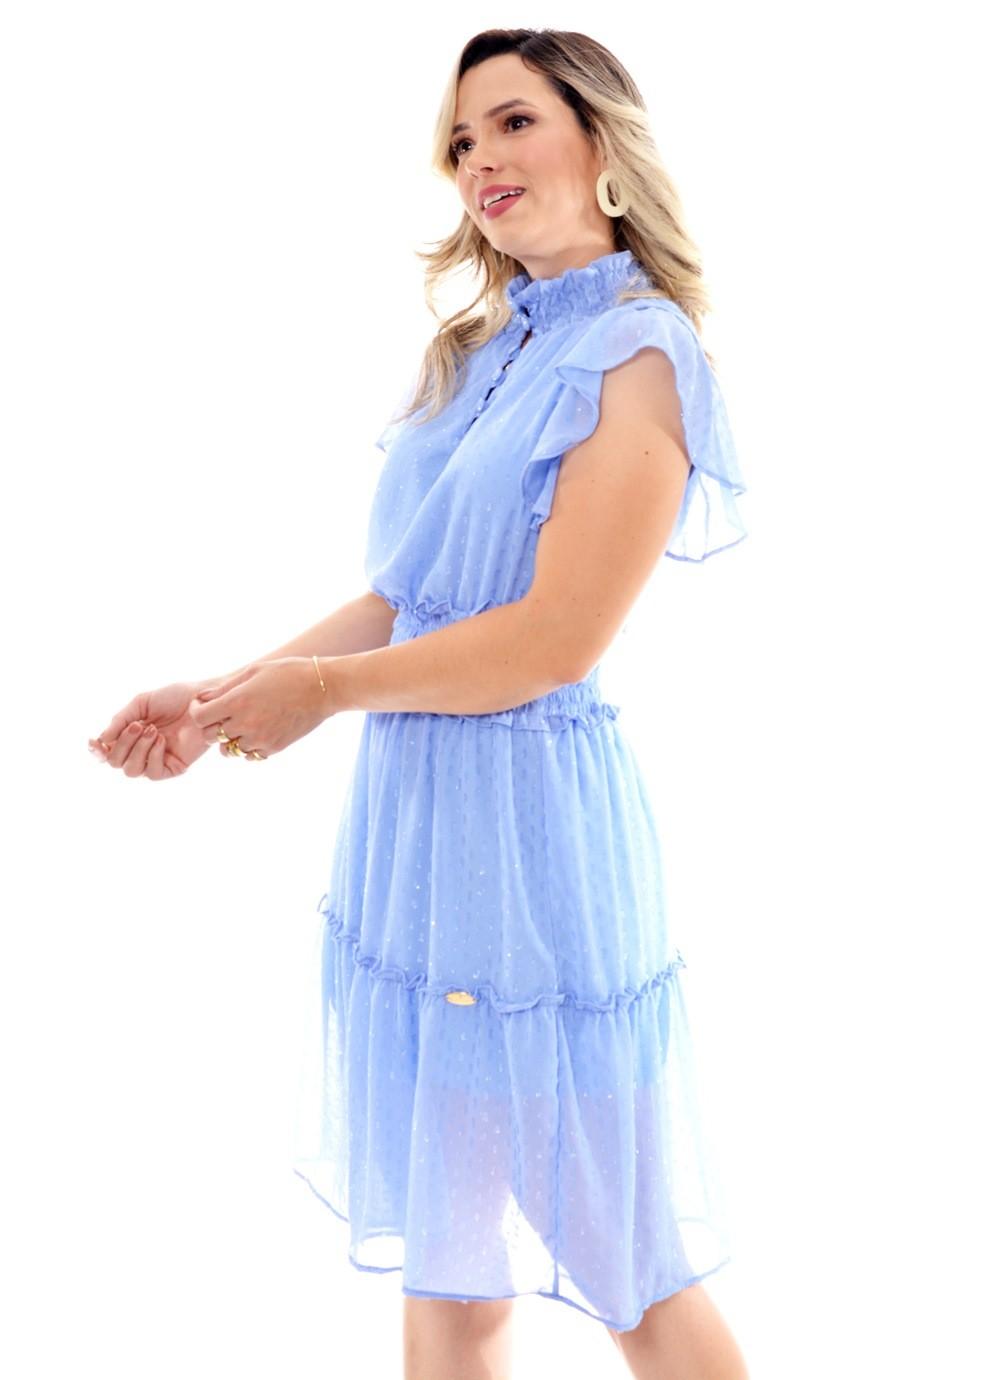 Vestido crepe, poás com lurex